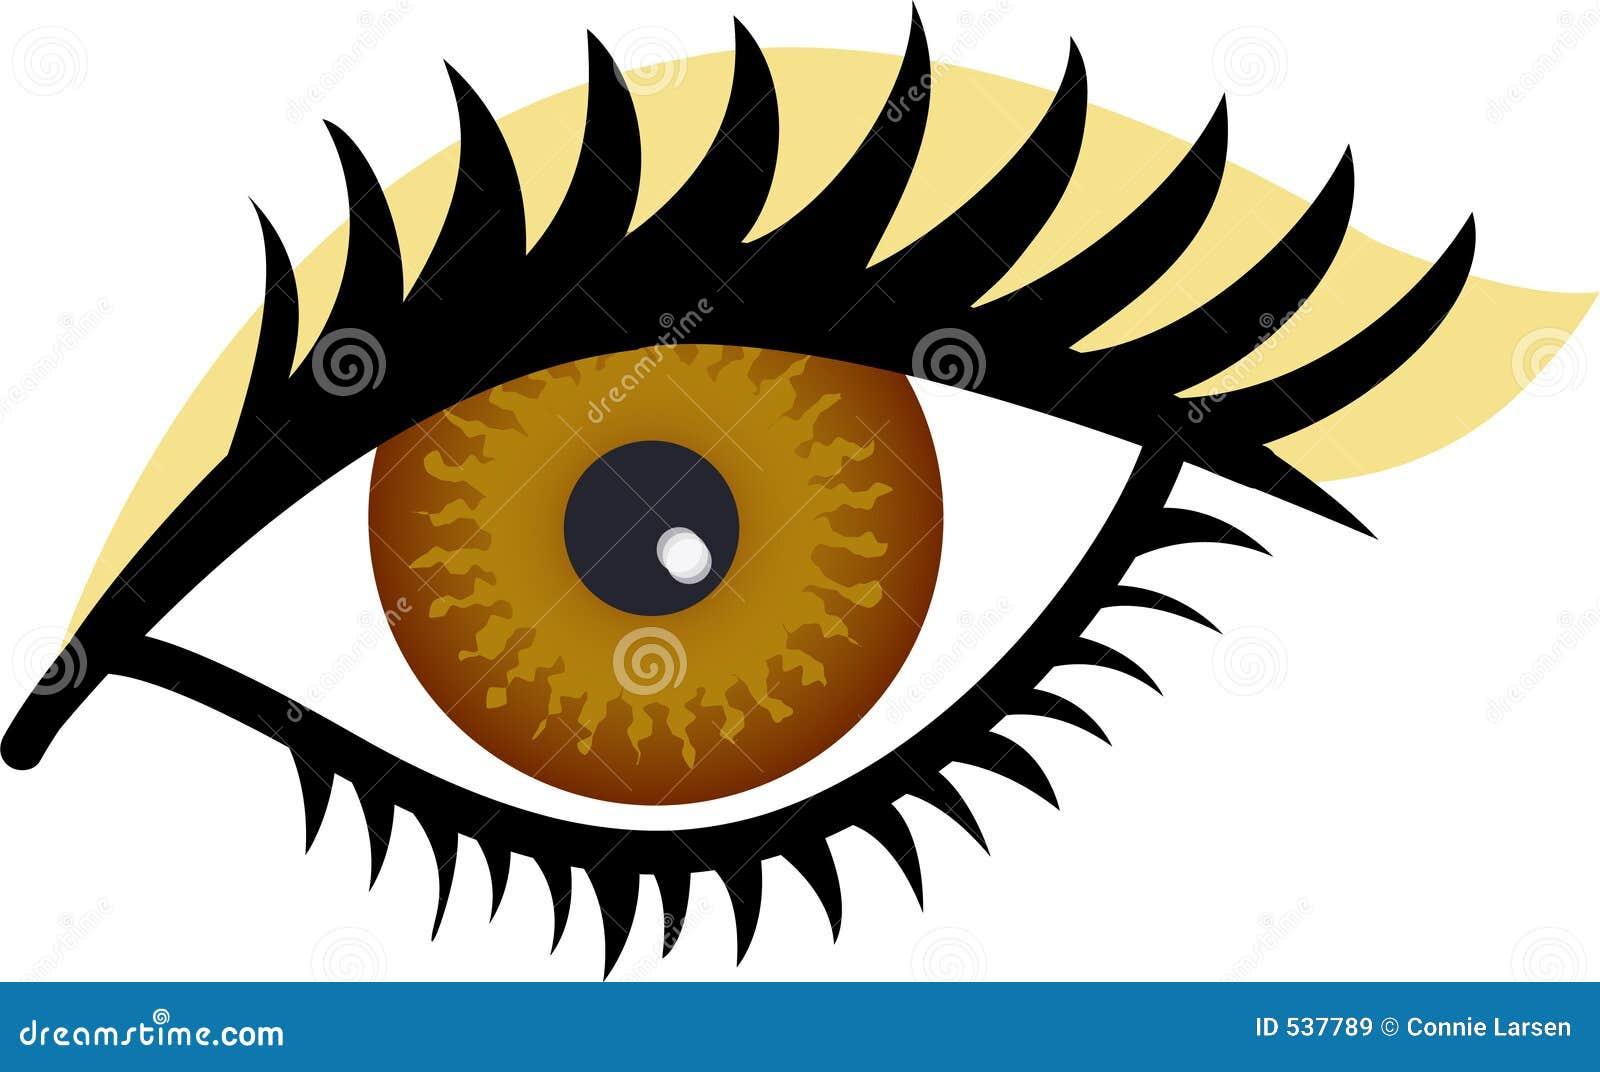 Download 棕色眼睛 库存例证. 插画 包括有 图画, 例证, 女性, 金子, 角膜, 参见, 眼睛, 透镜, 图标, 符号 - 537789